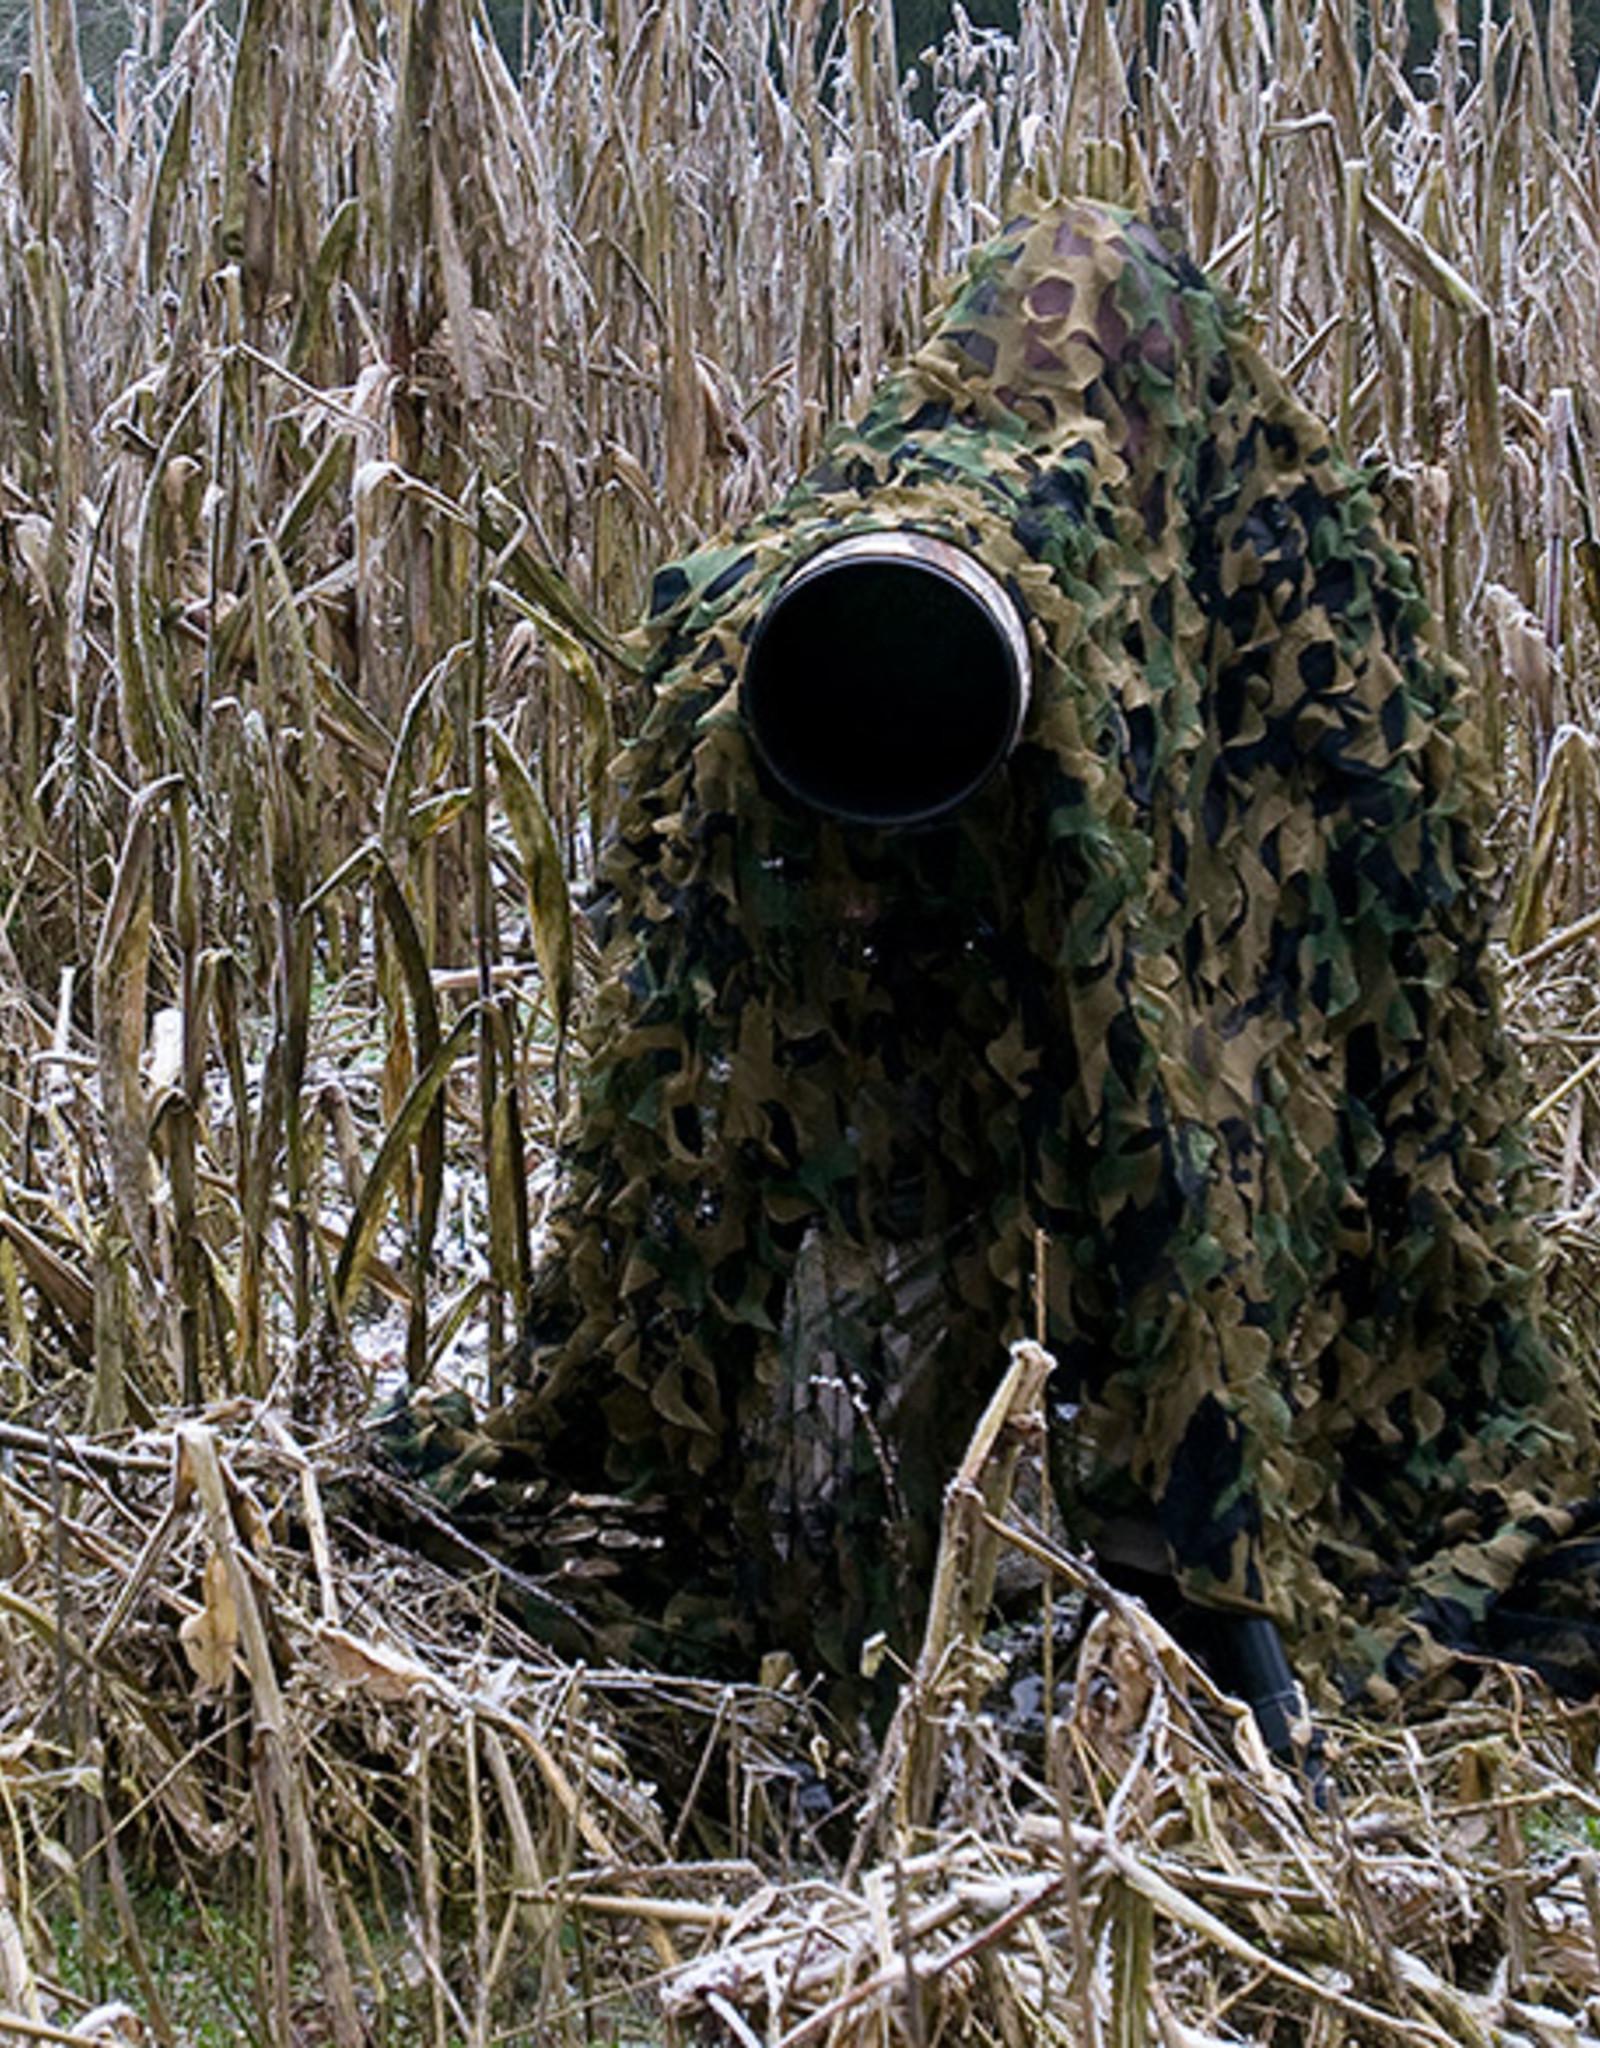 HBN - Enjoy Wildlife! HBN camouflage net II